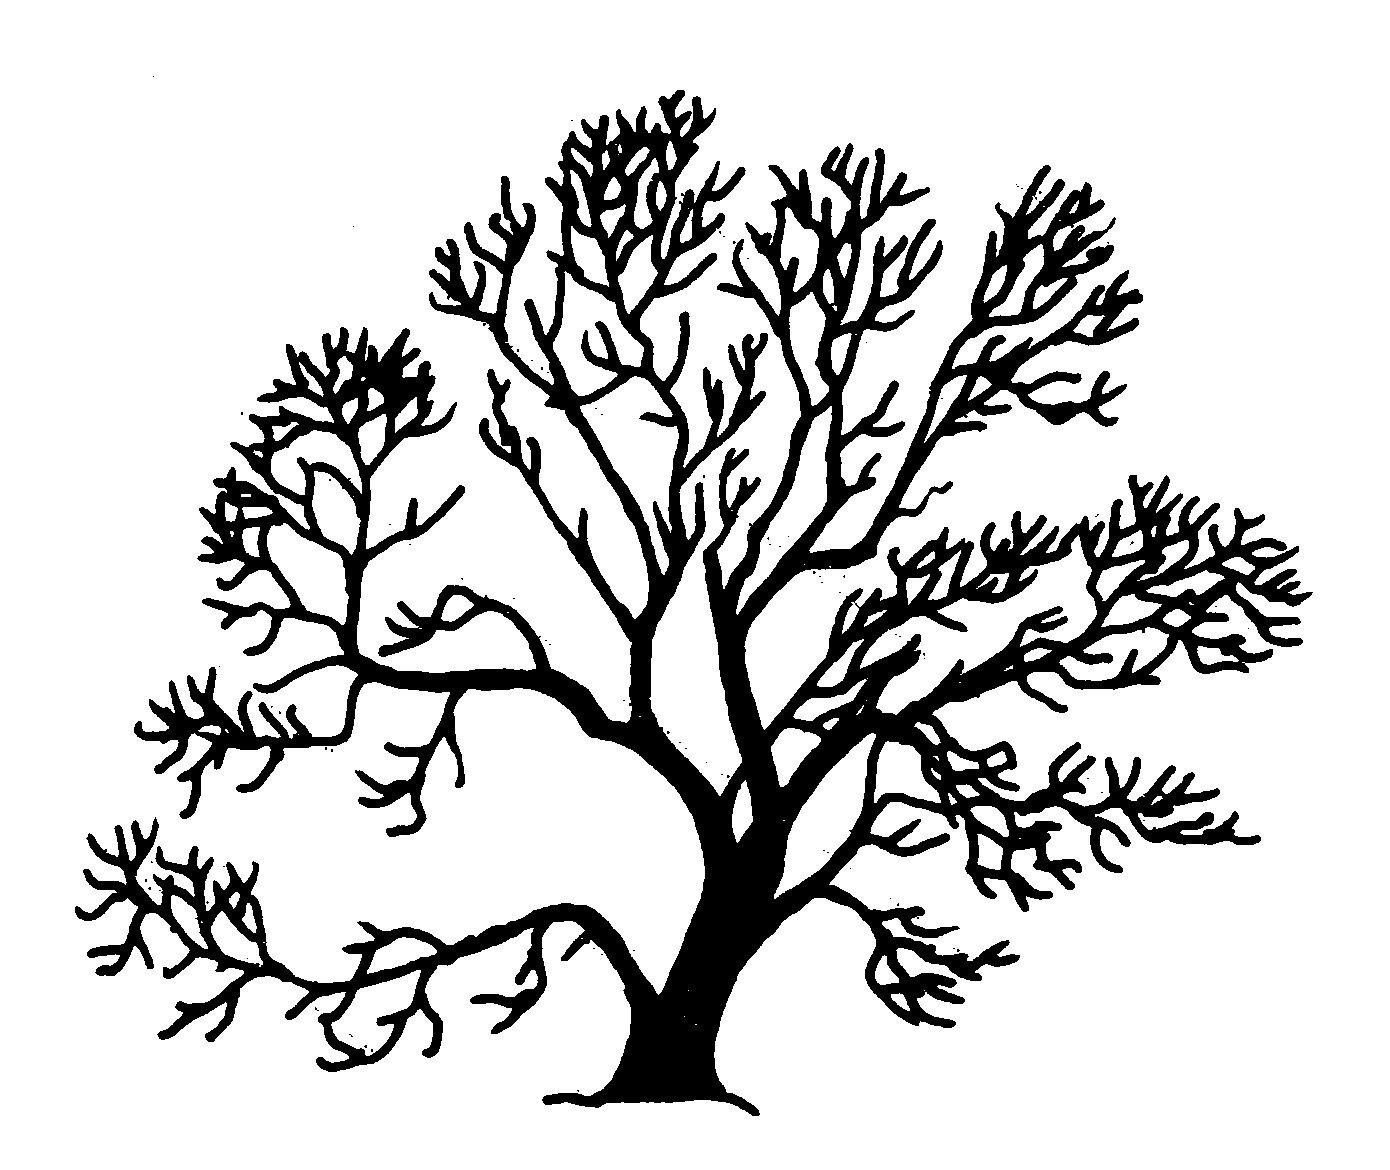 Salix fragilis Silhouette (oddsock).png